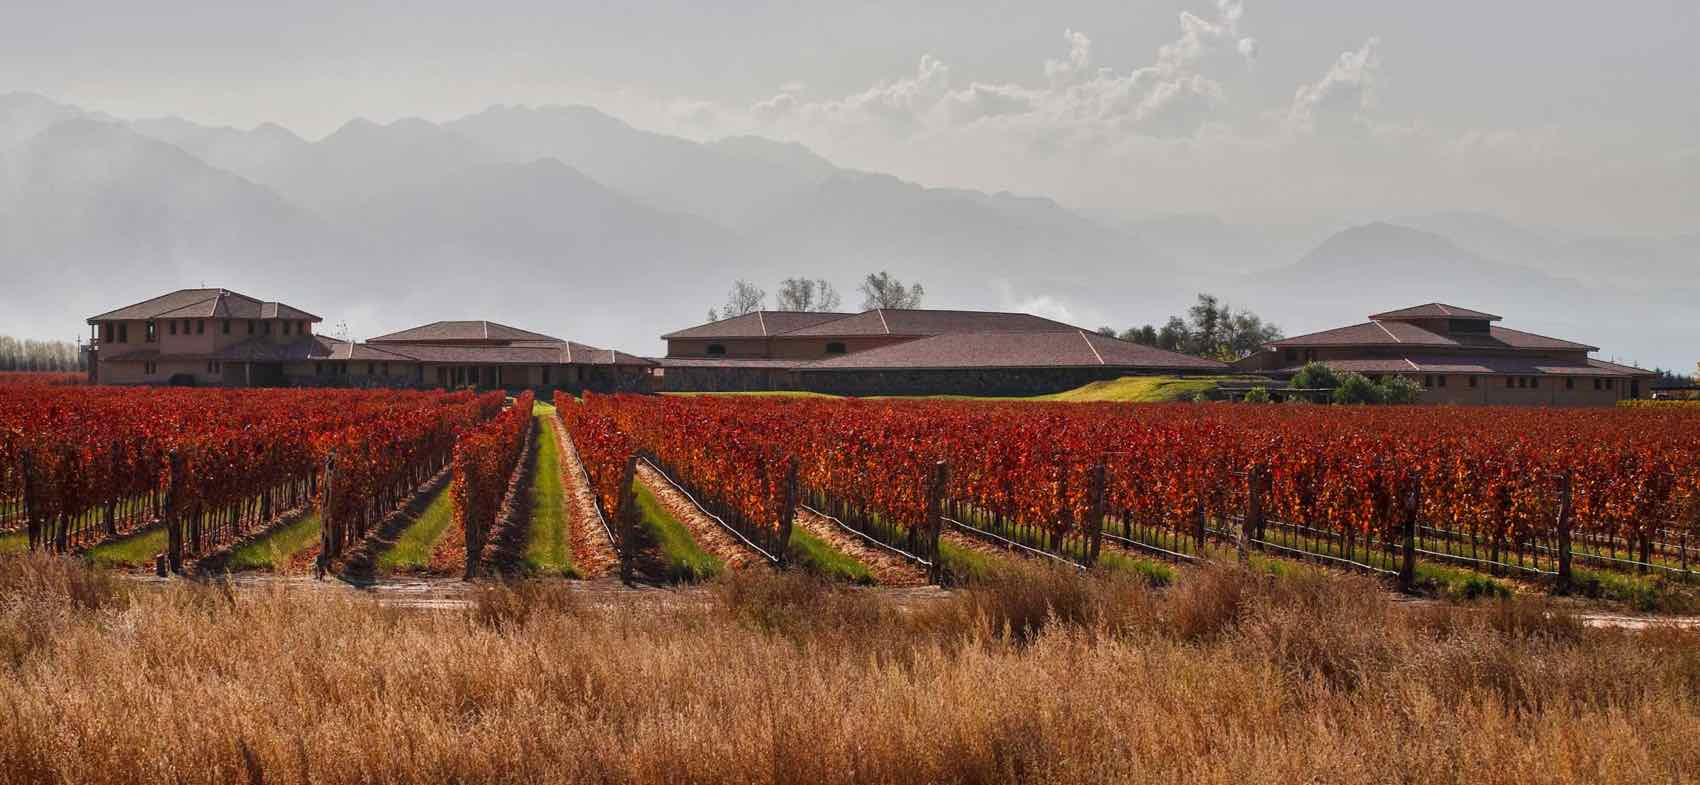 Amano winery